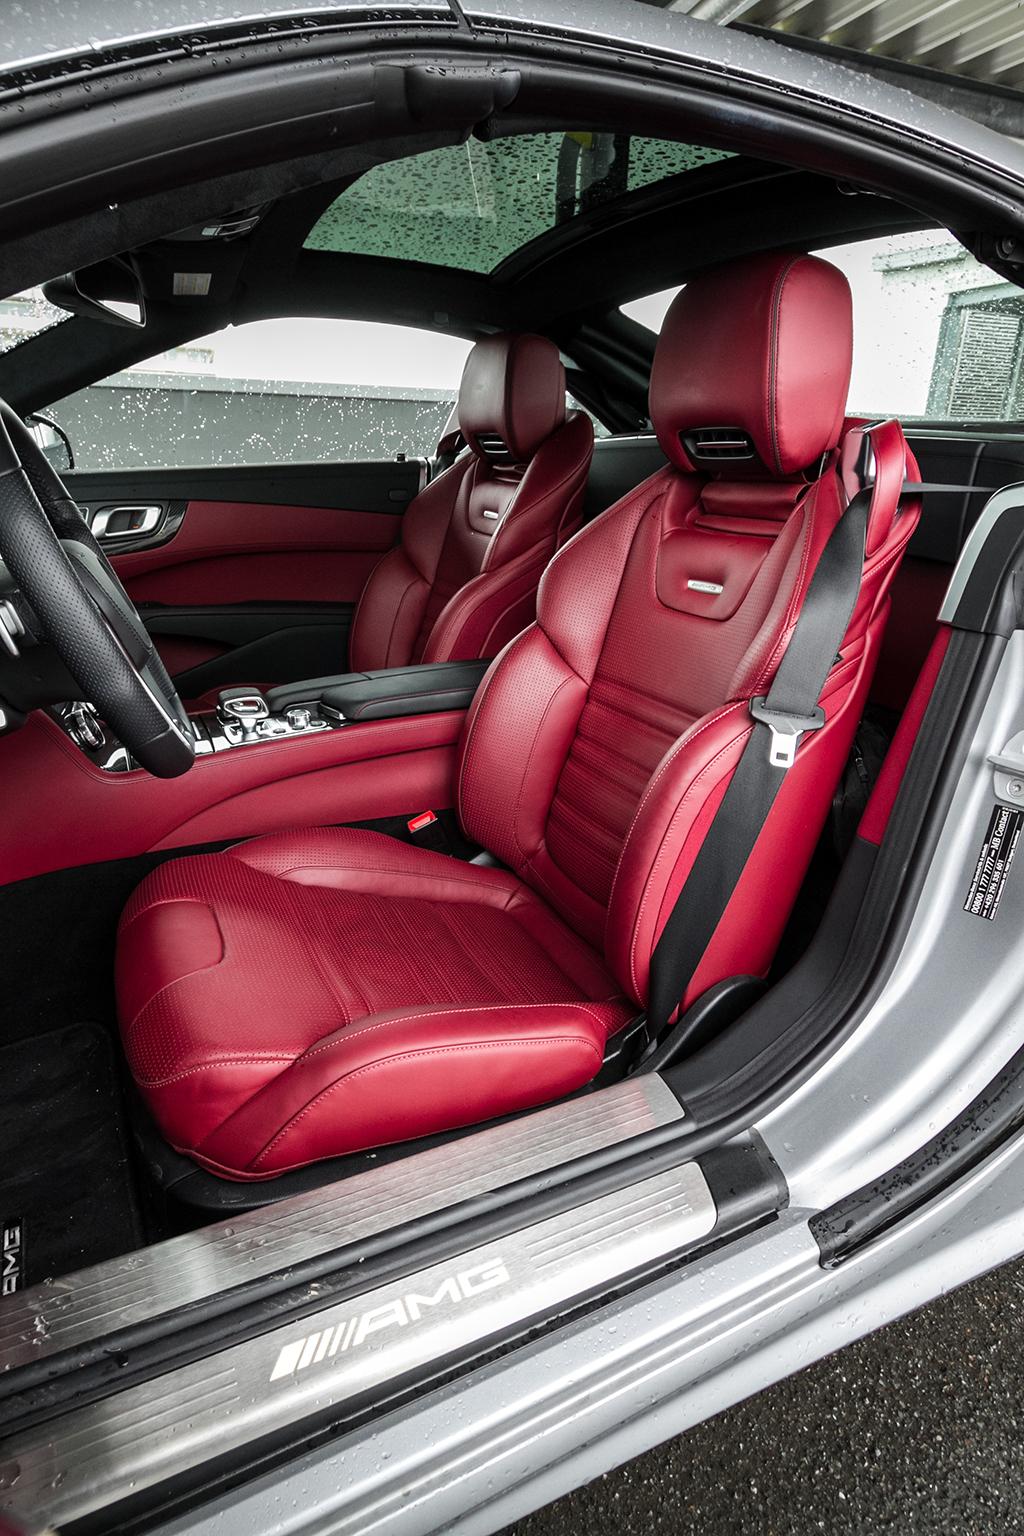 Automobily Mercedes-Benz SL 63 AMG